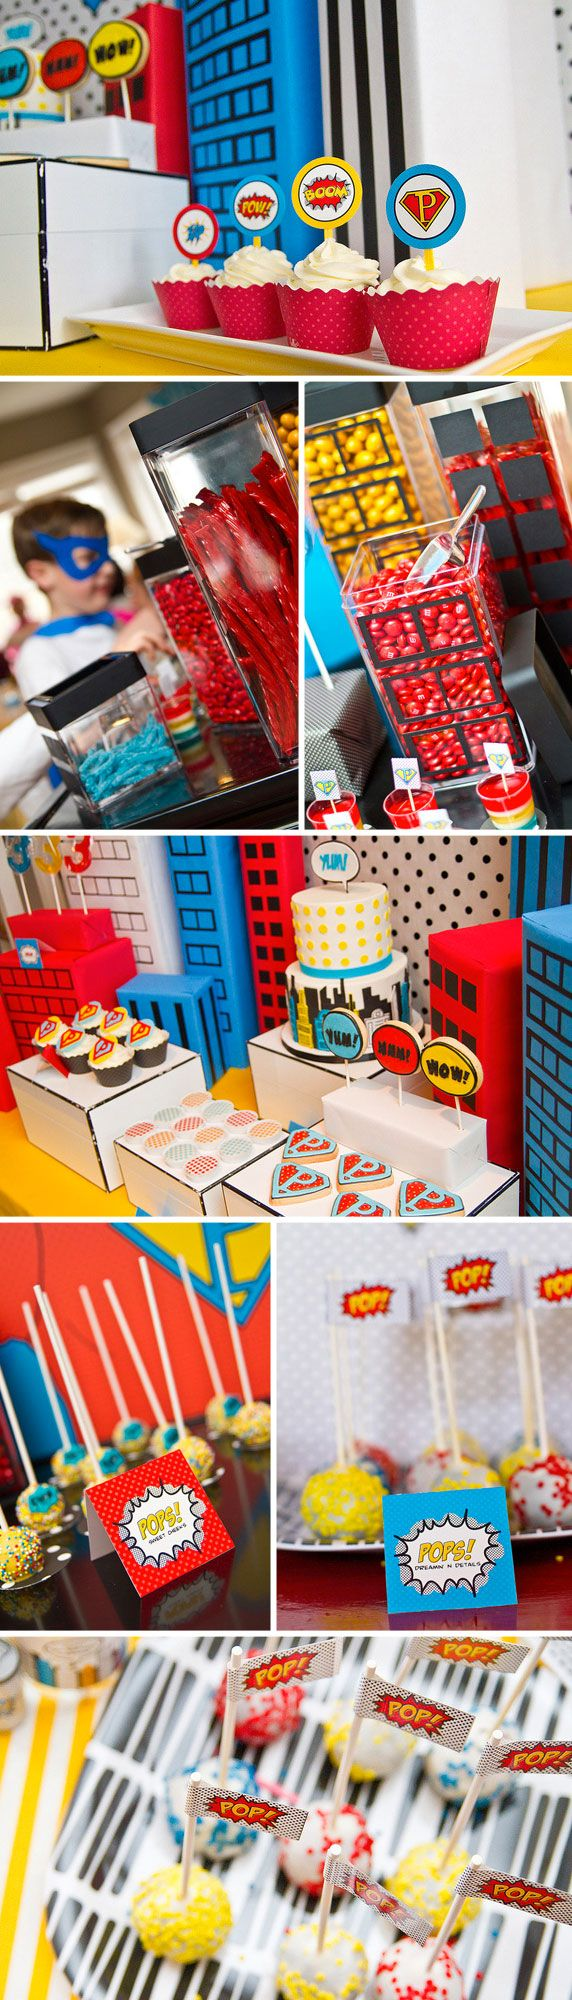 Best 25+ Super hero food ideas on Pinterest | Superhero party food ...